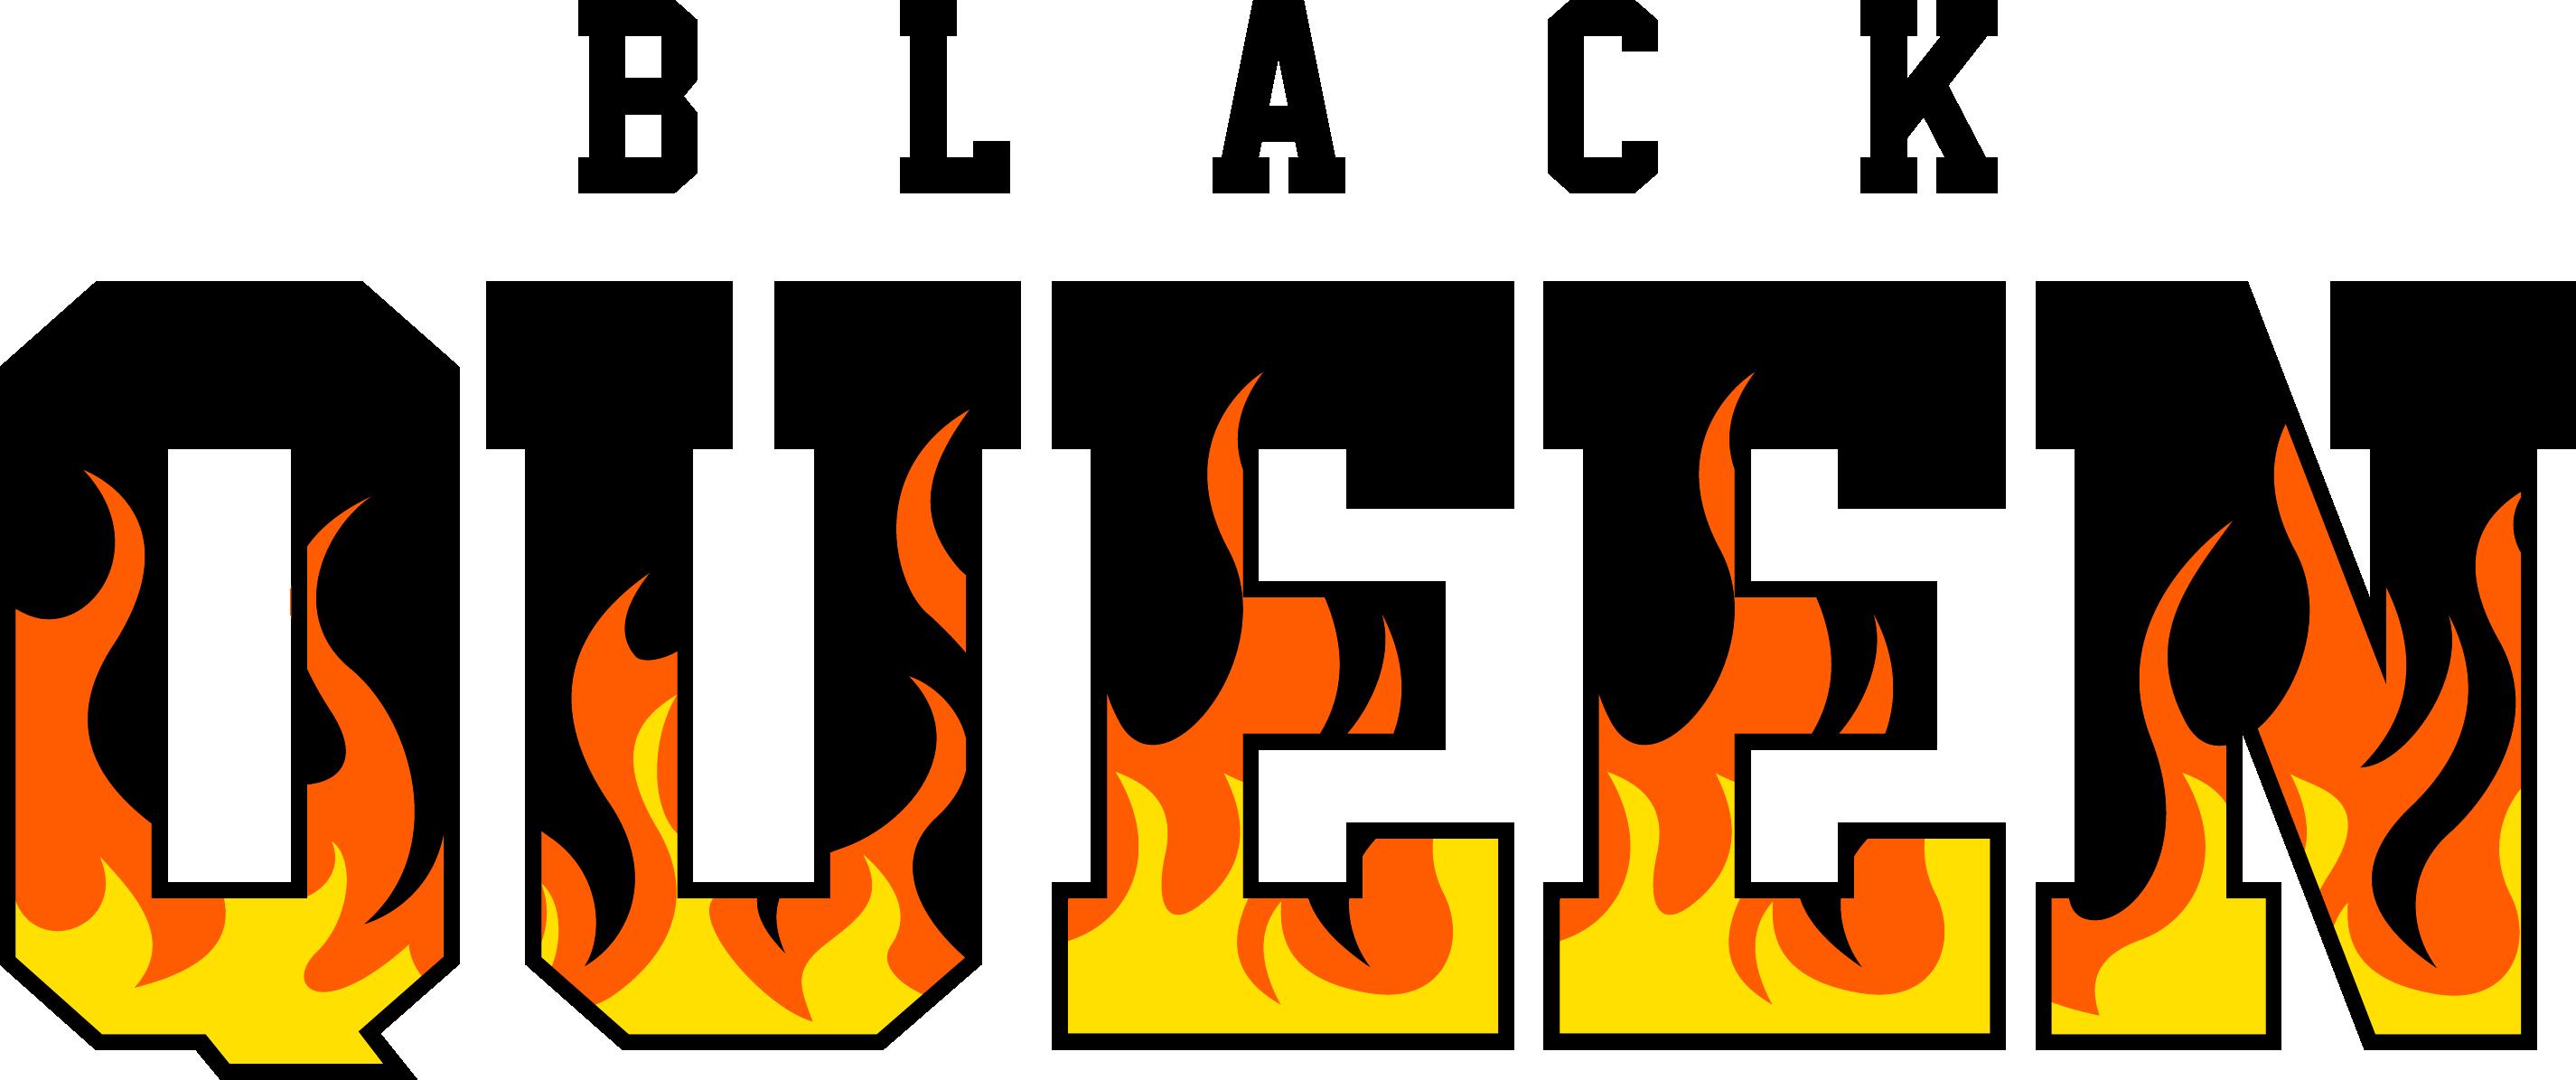 Black queen flames